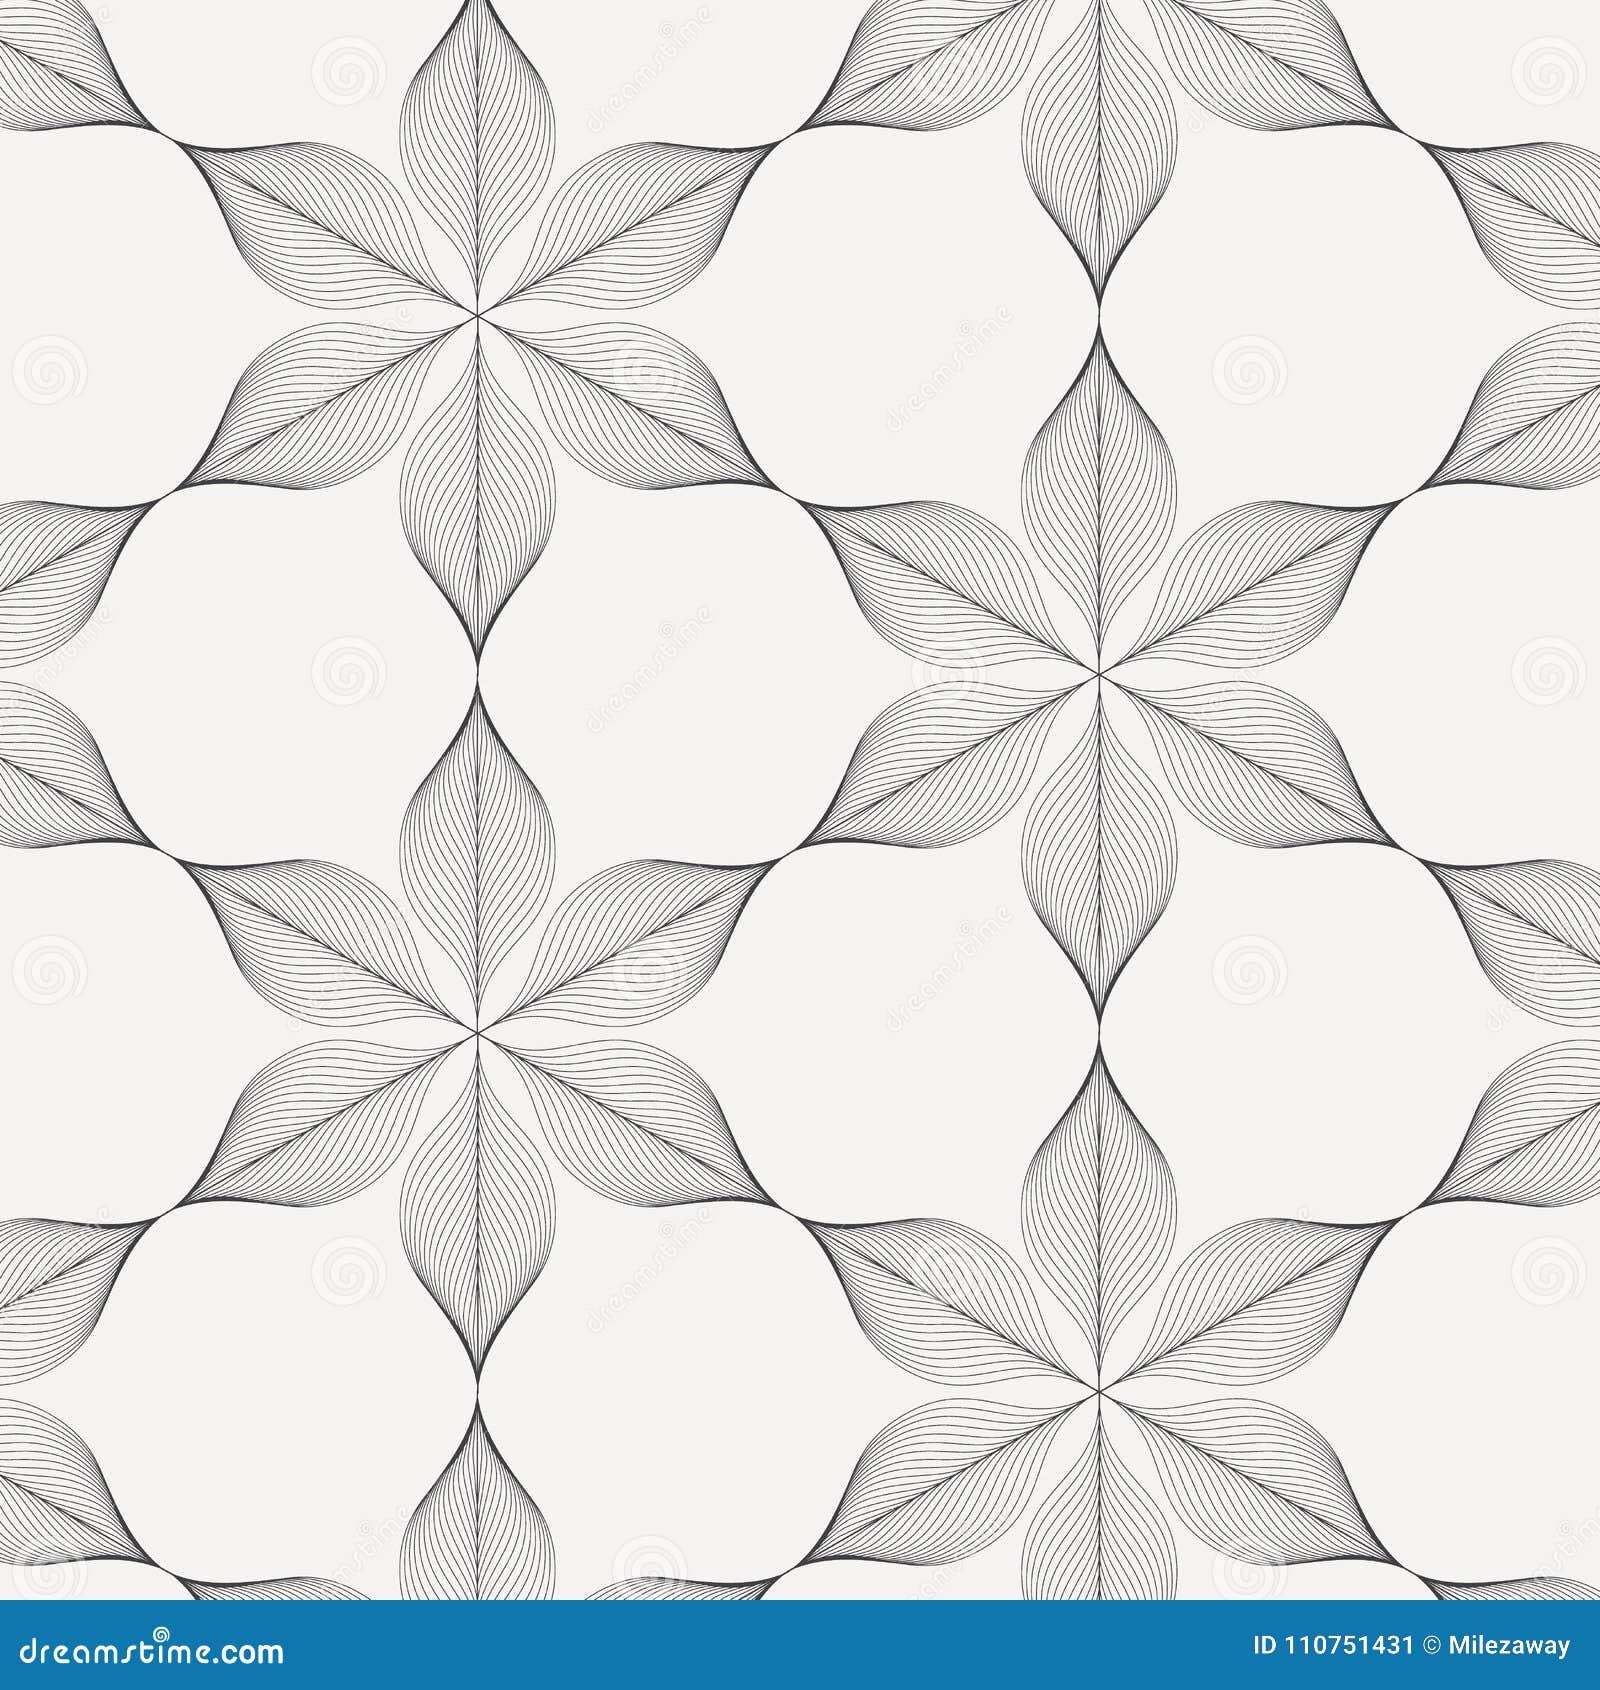 Γραμμικό διανυσματικό σχέδιο, που επαναλαμβάνει την περίληψη ένα γραμμικό φύλλο κάθε ένα που περιβάλλει στη hexagon μορφή